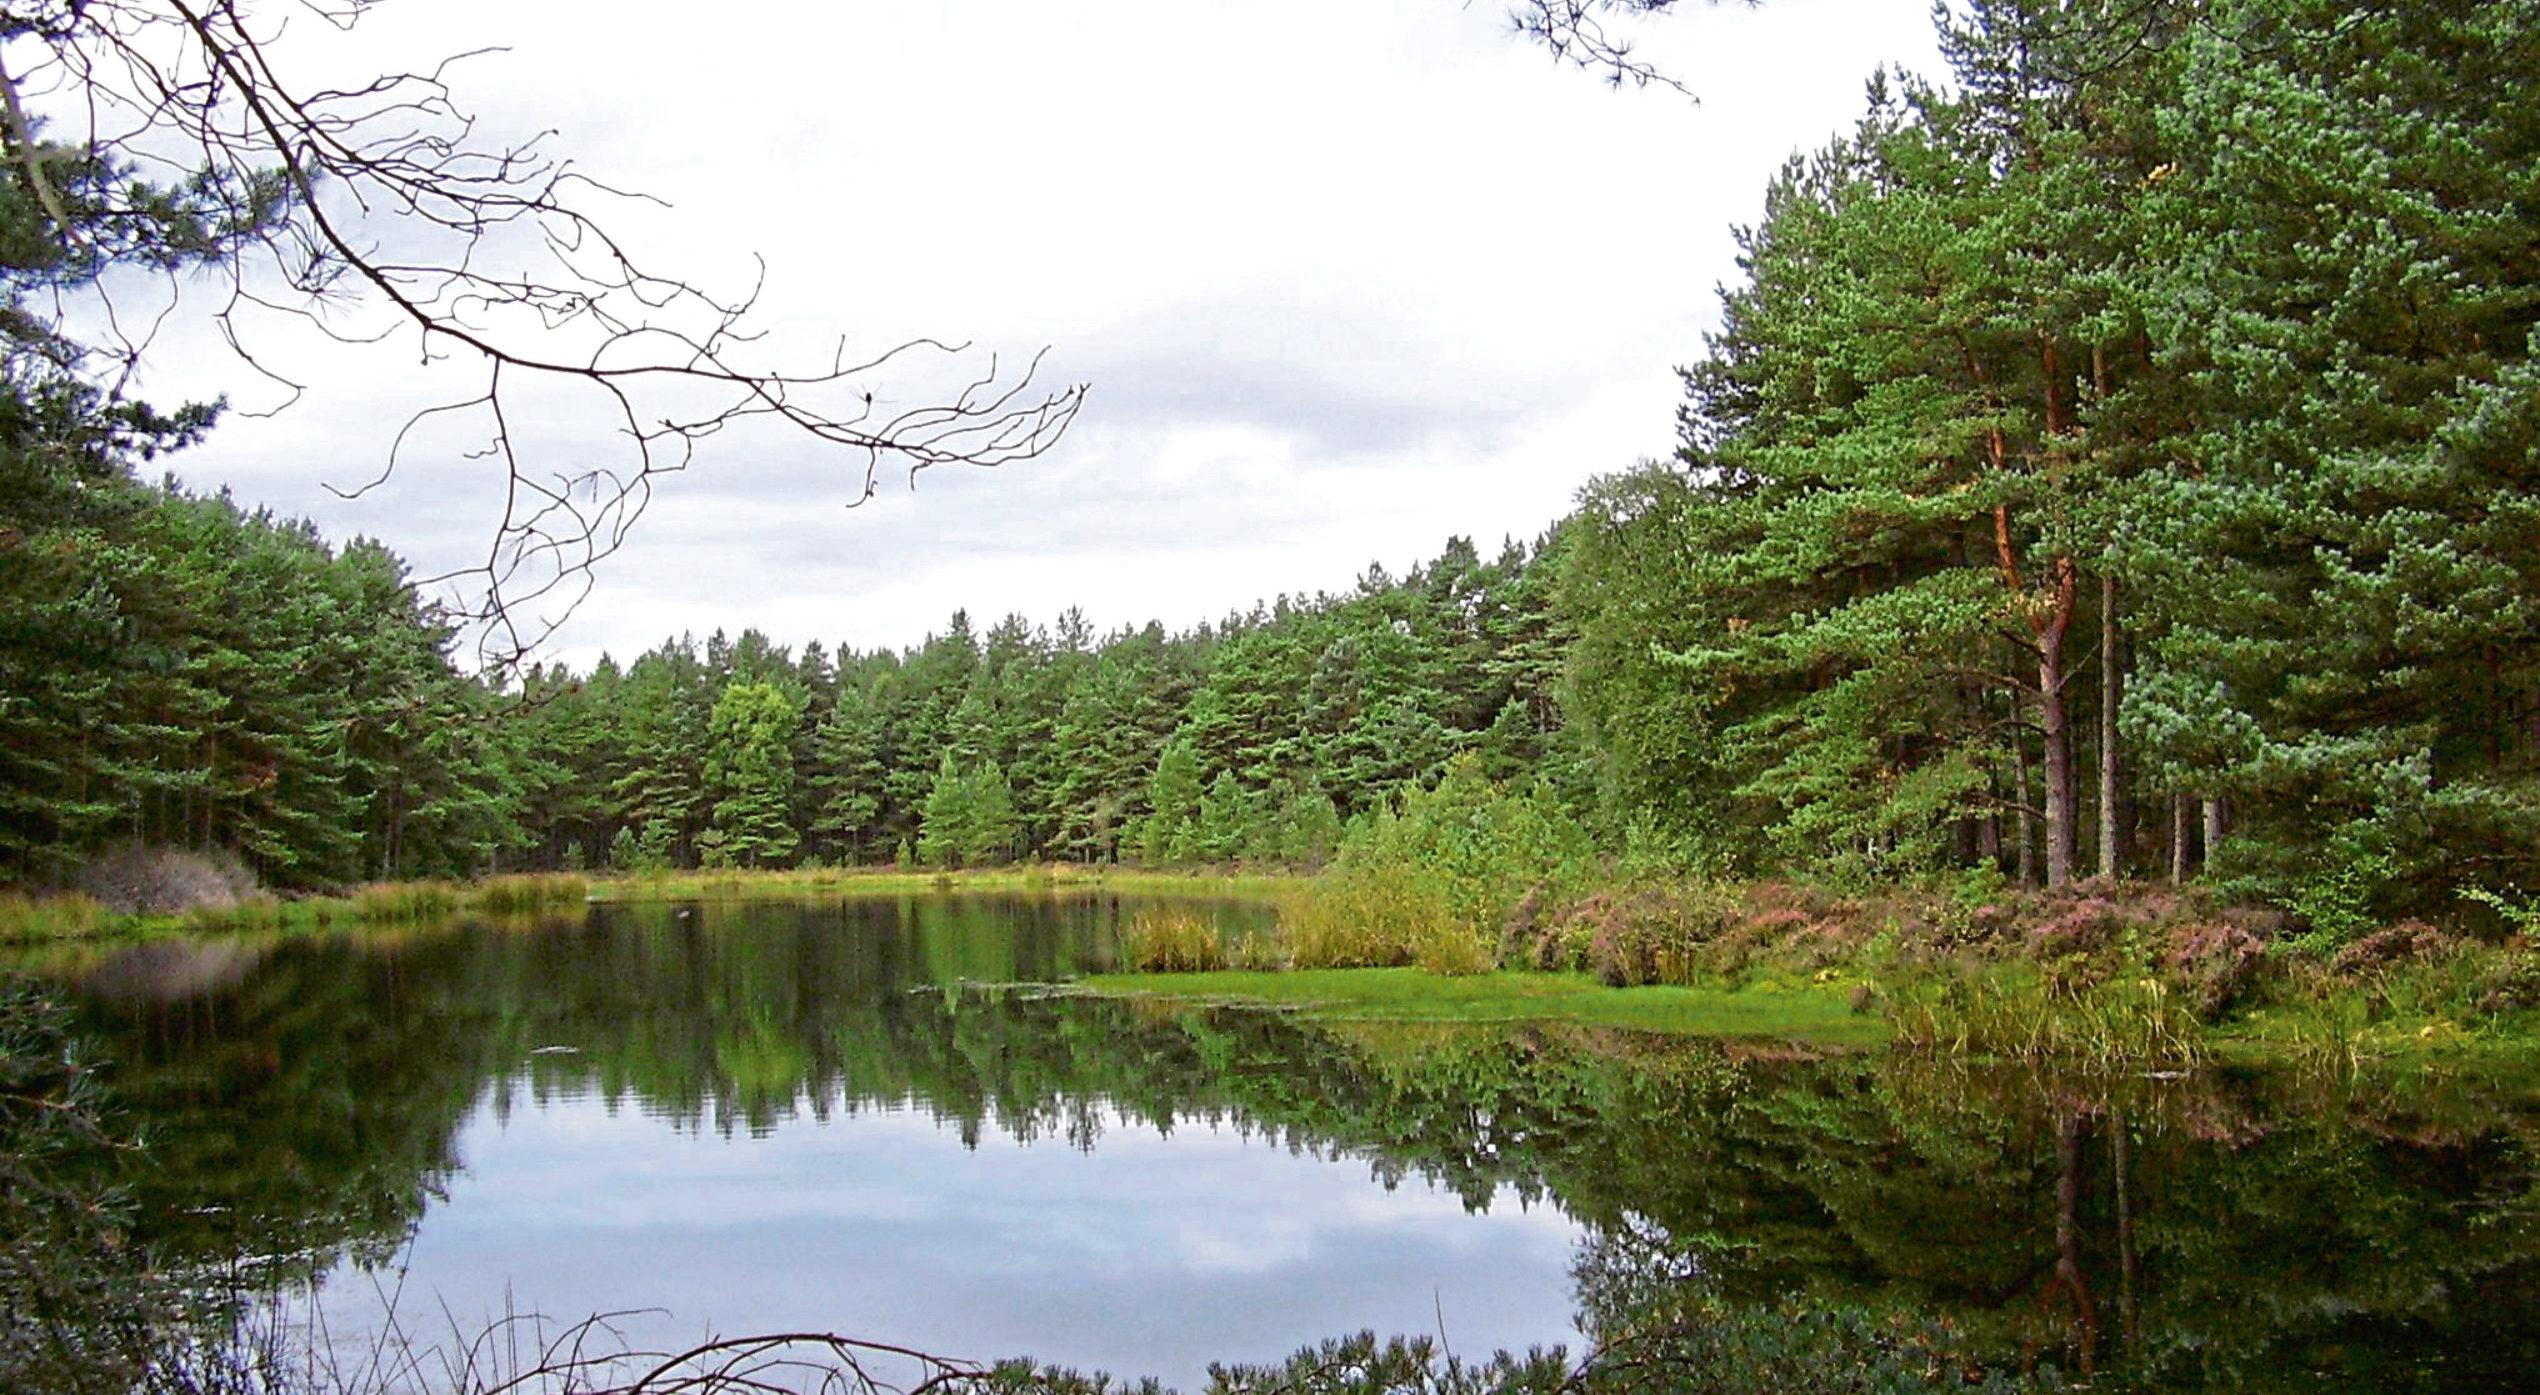 Bordie Loch in Devilla Forest.